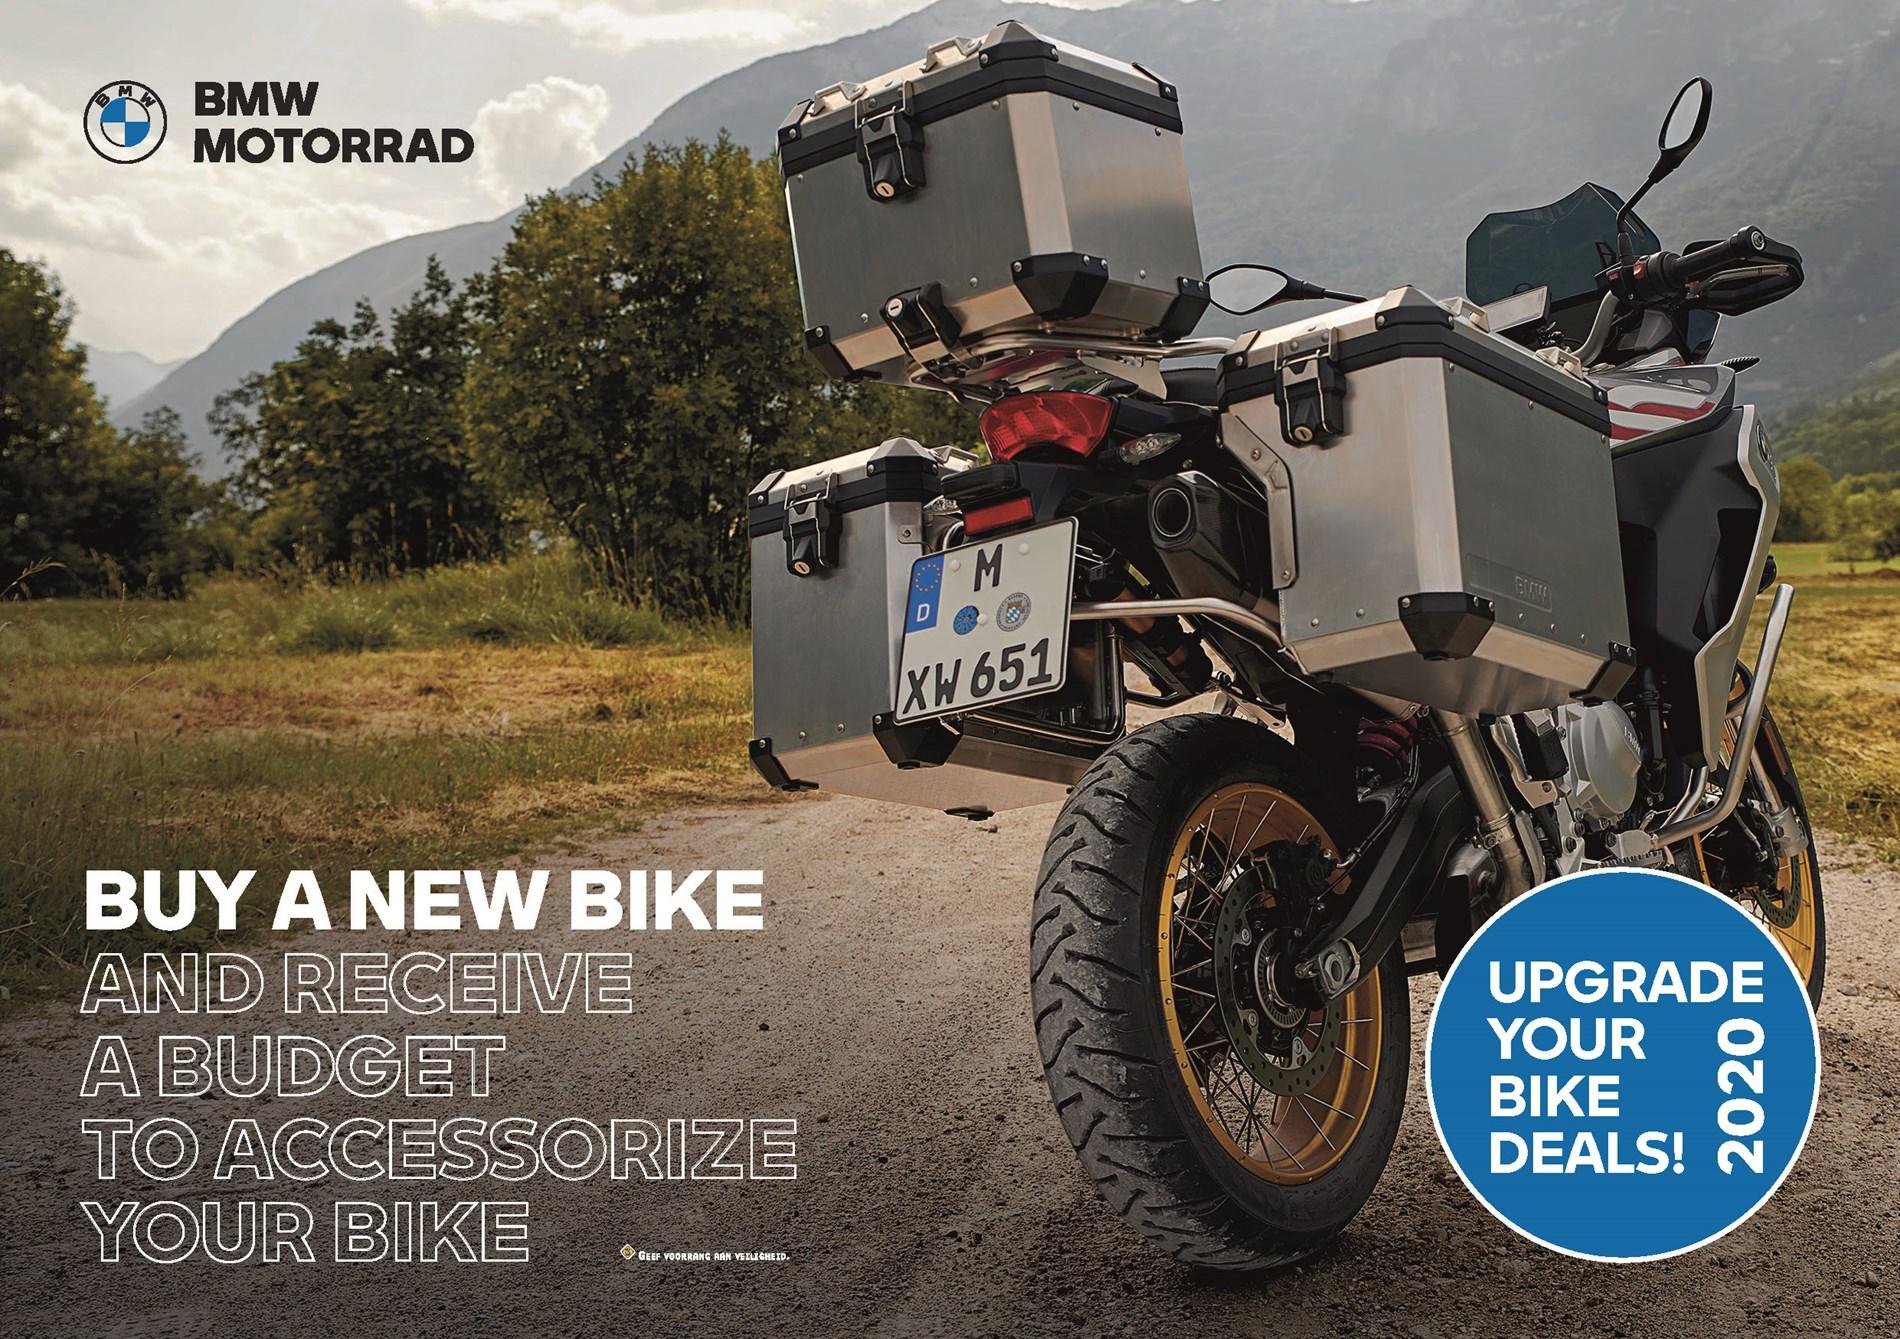 Upgrade your Bike deals